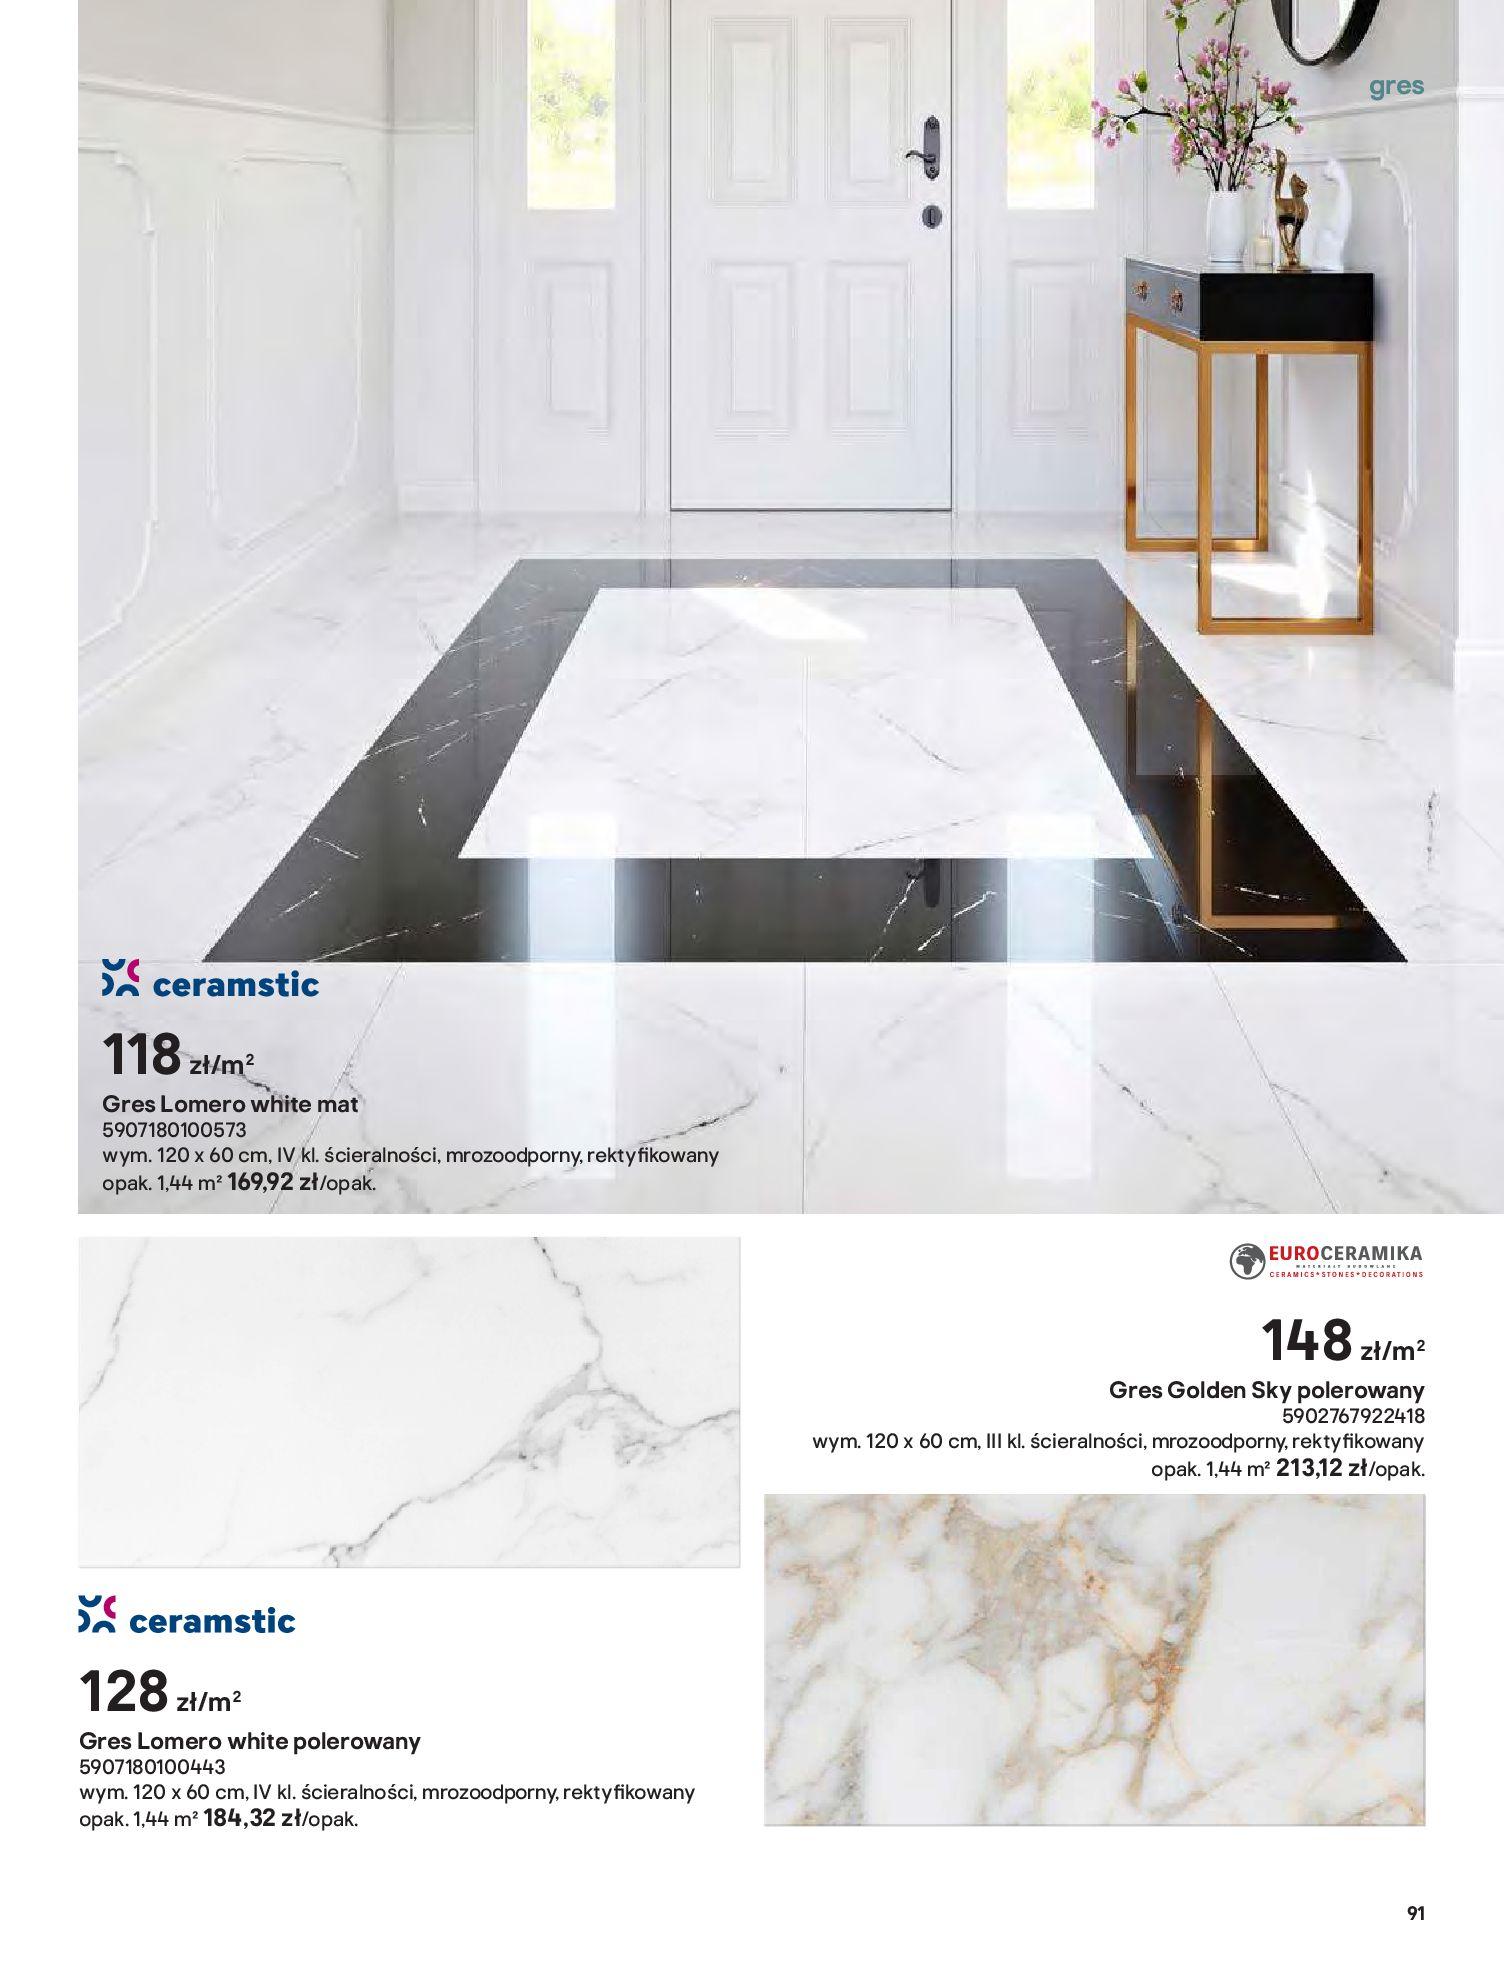 Gazetka Castorama: Gazetka Castorama - Przewodnik drzwi i podłogi 2021 2021-08-11 page-91